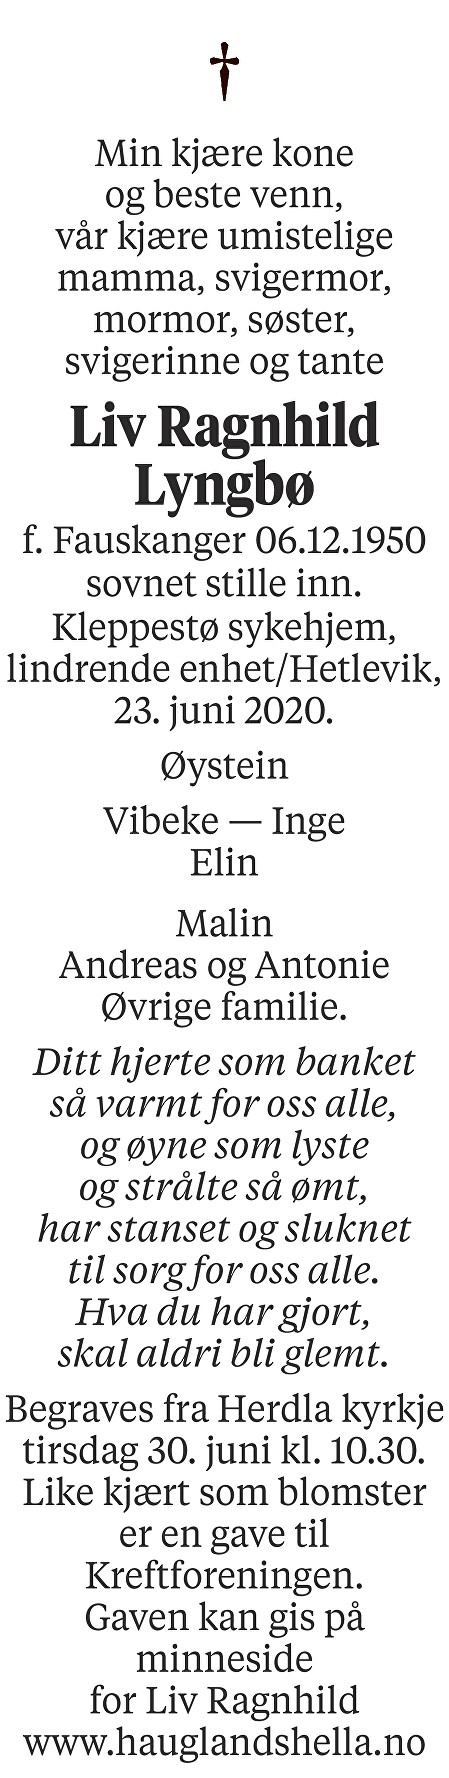 Liv Ragnhild Lyngbø Dødsannonse